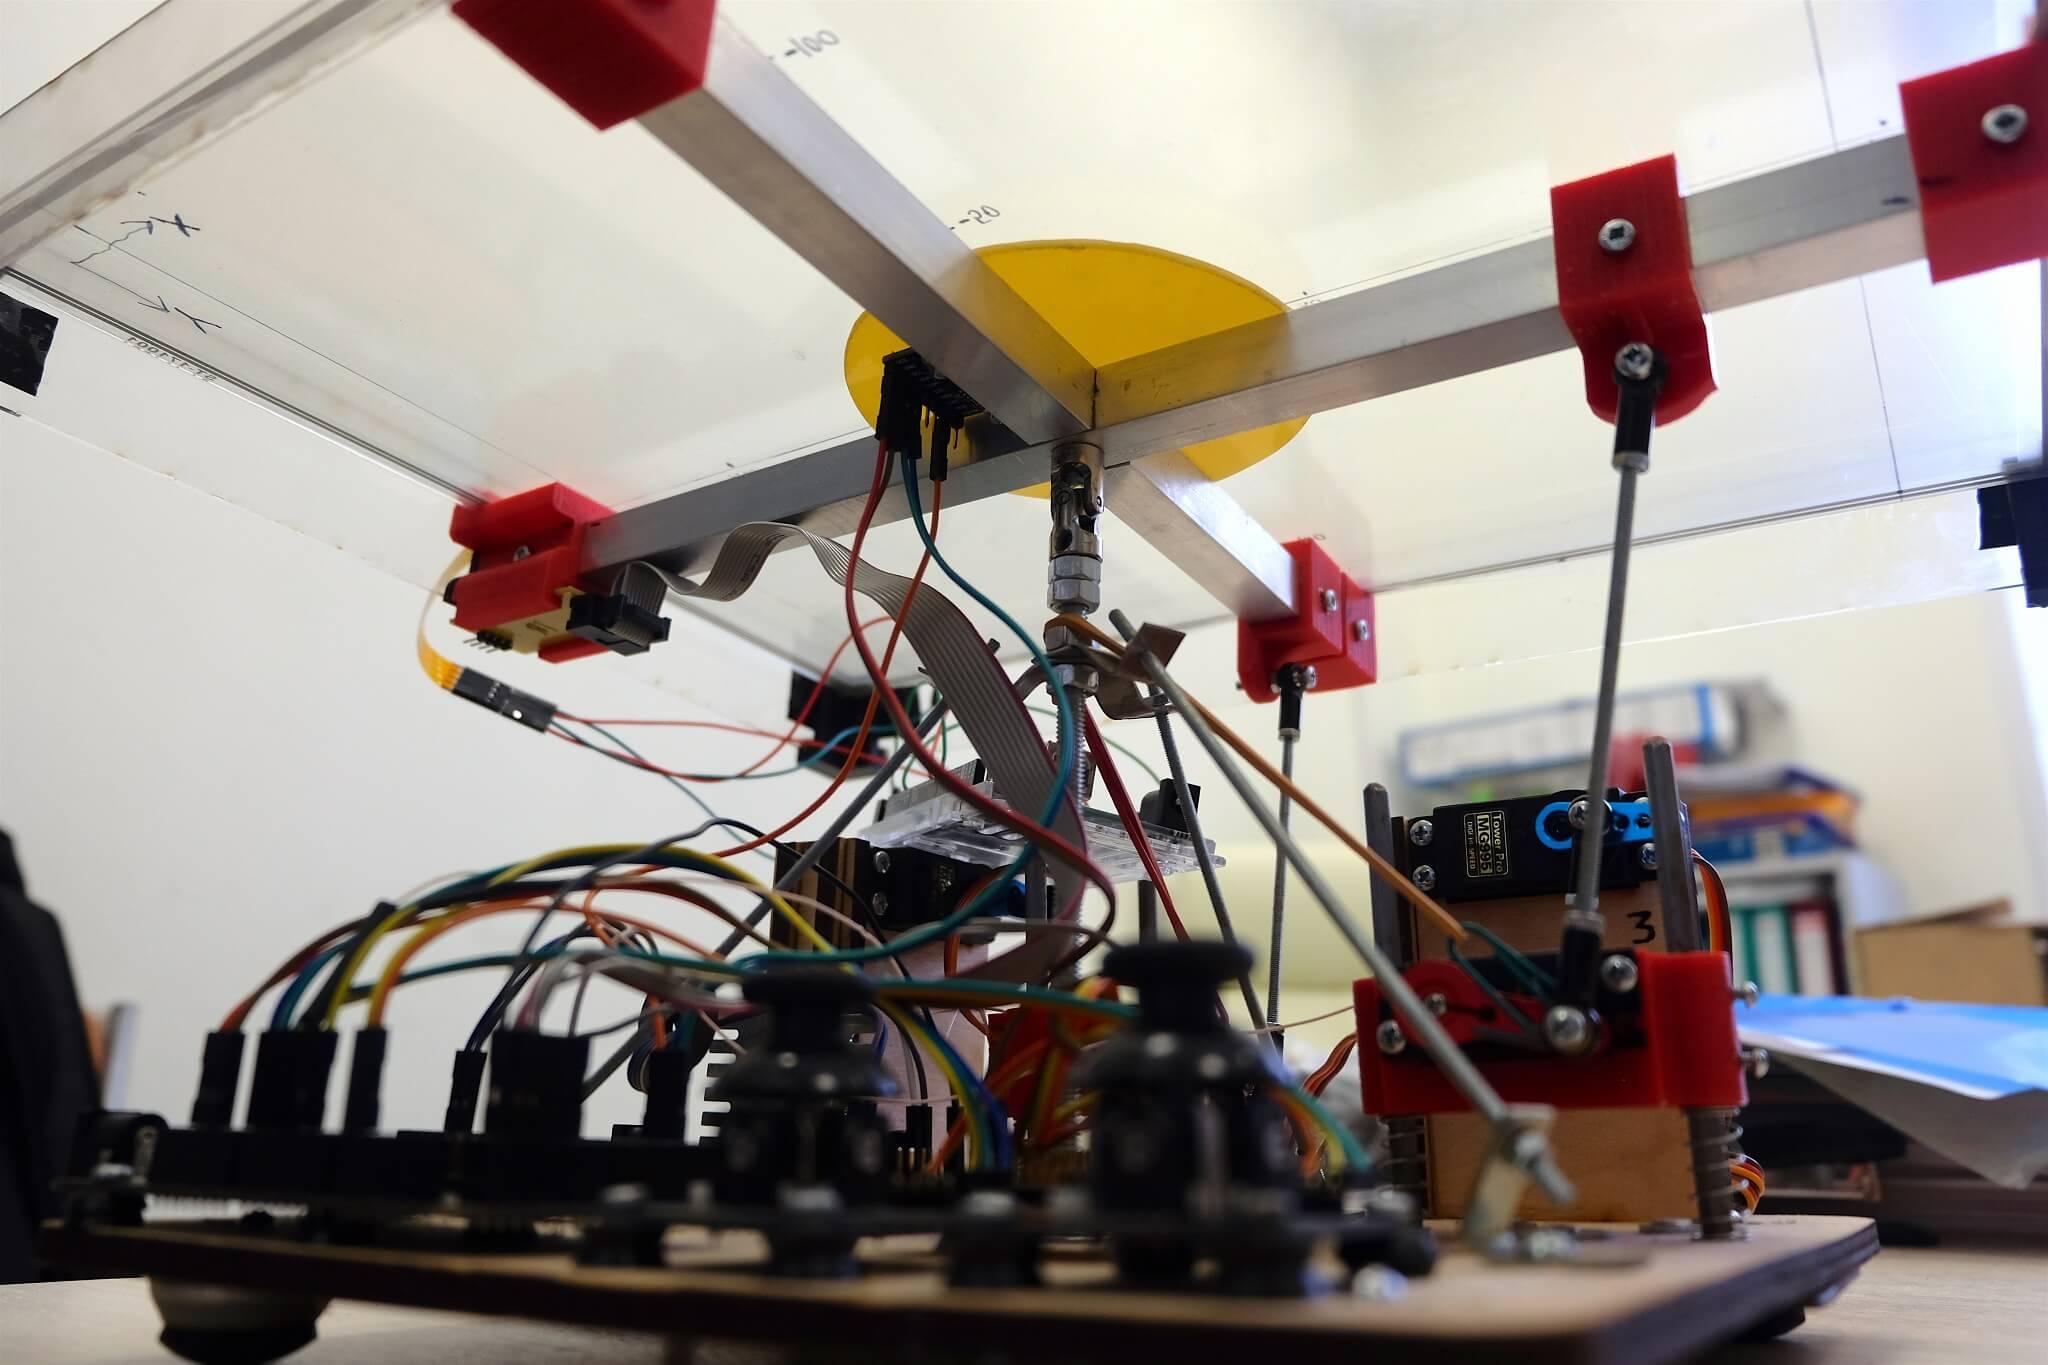 Механизированные руки и манипуляторы — рассказываем, чем занимается лаборатория робототехники Университета ИТМО - 2